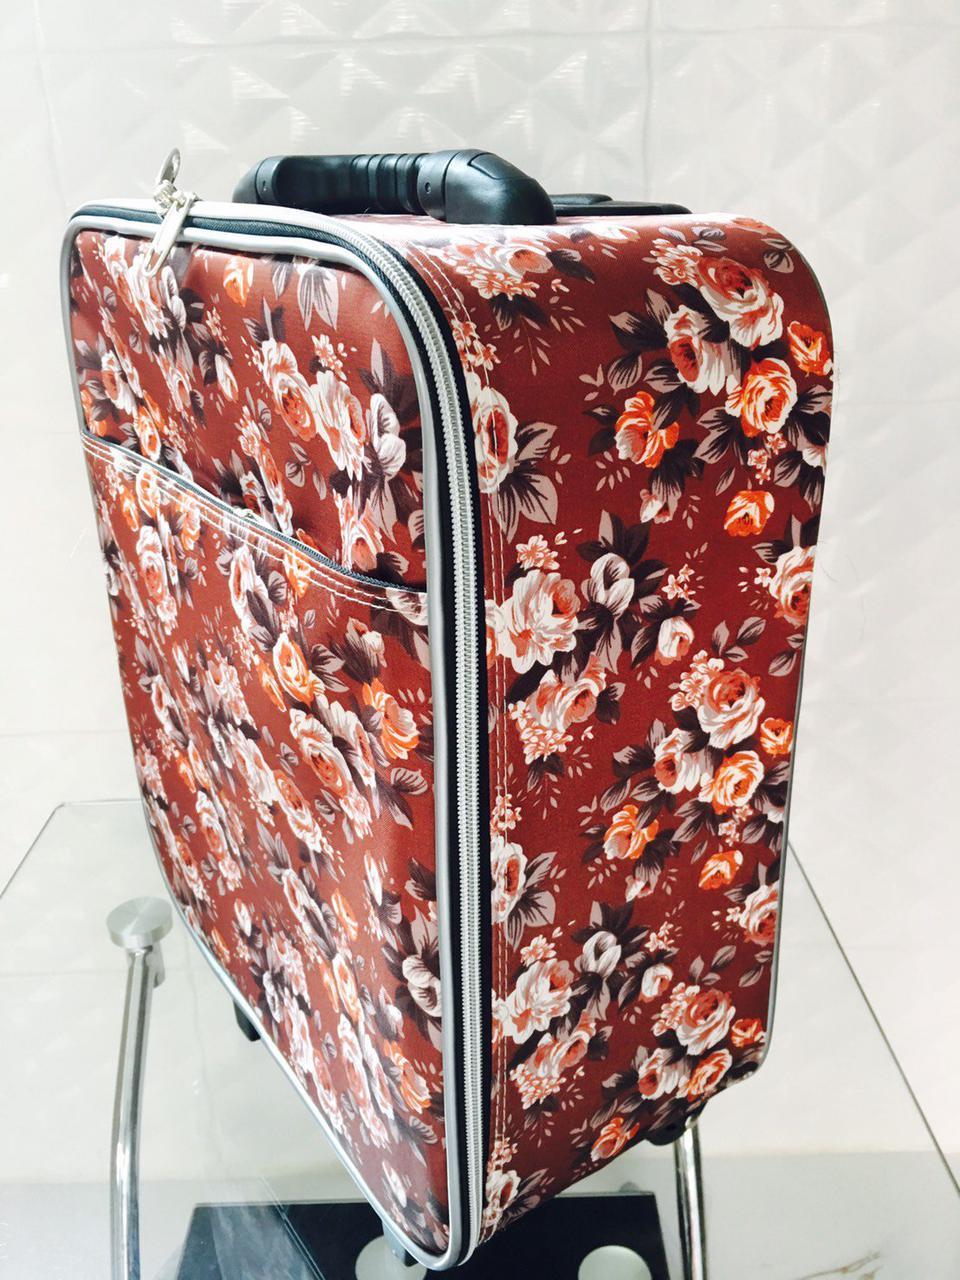 กระเป๋าเดินทางแบบผ้า ลายดอกไม้พื้นน้ำตาล ขนาด 16 นิ้ว รูปที่ 2